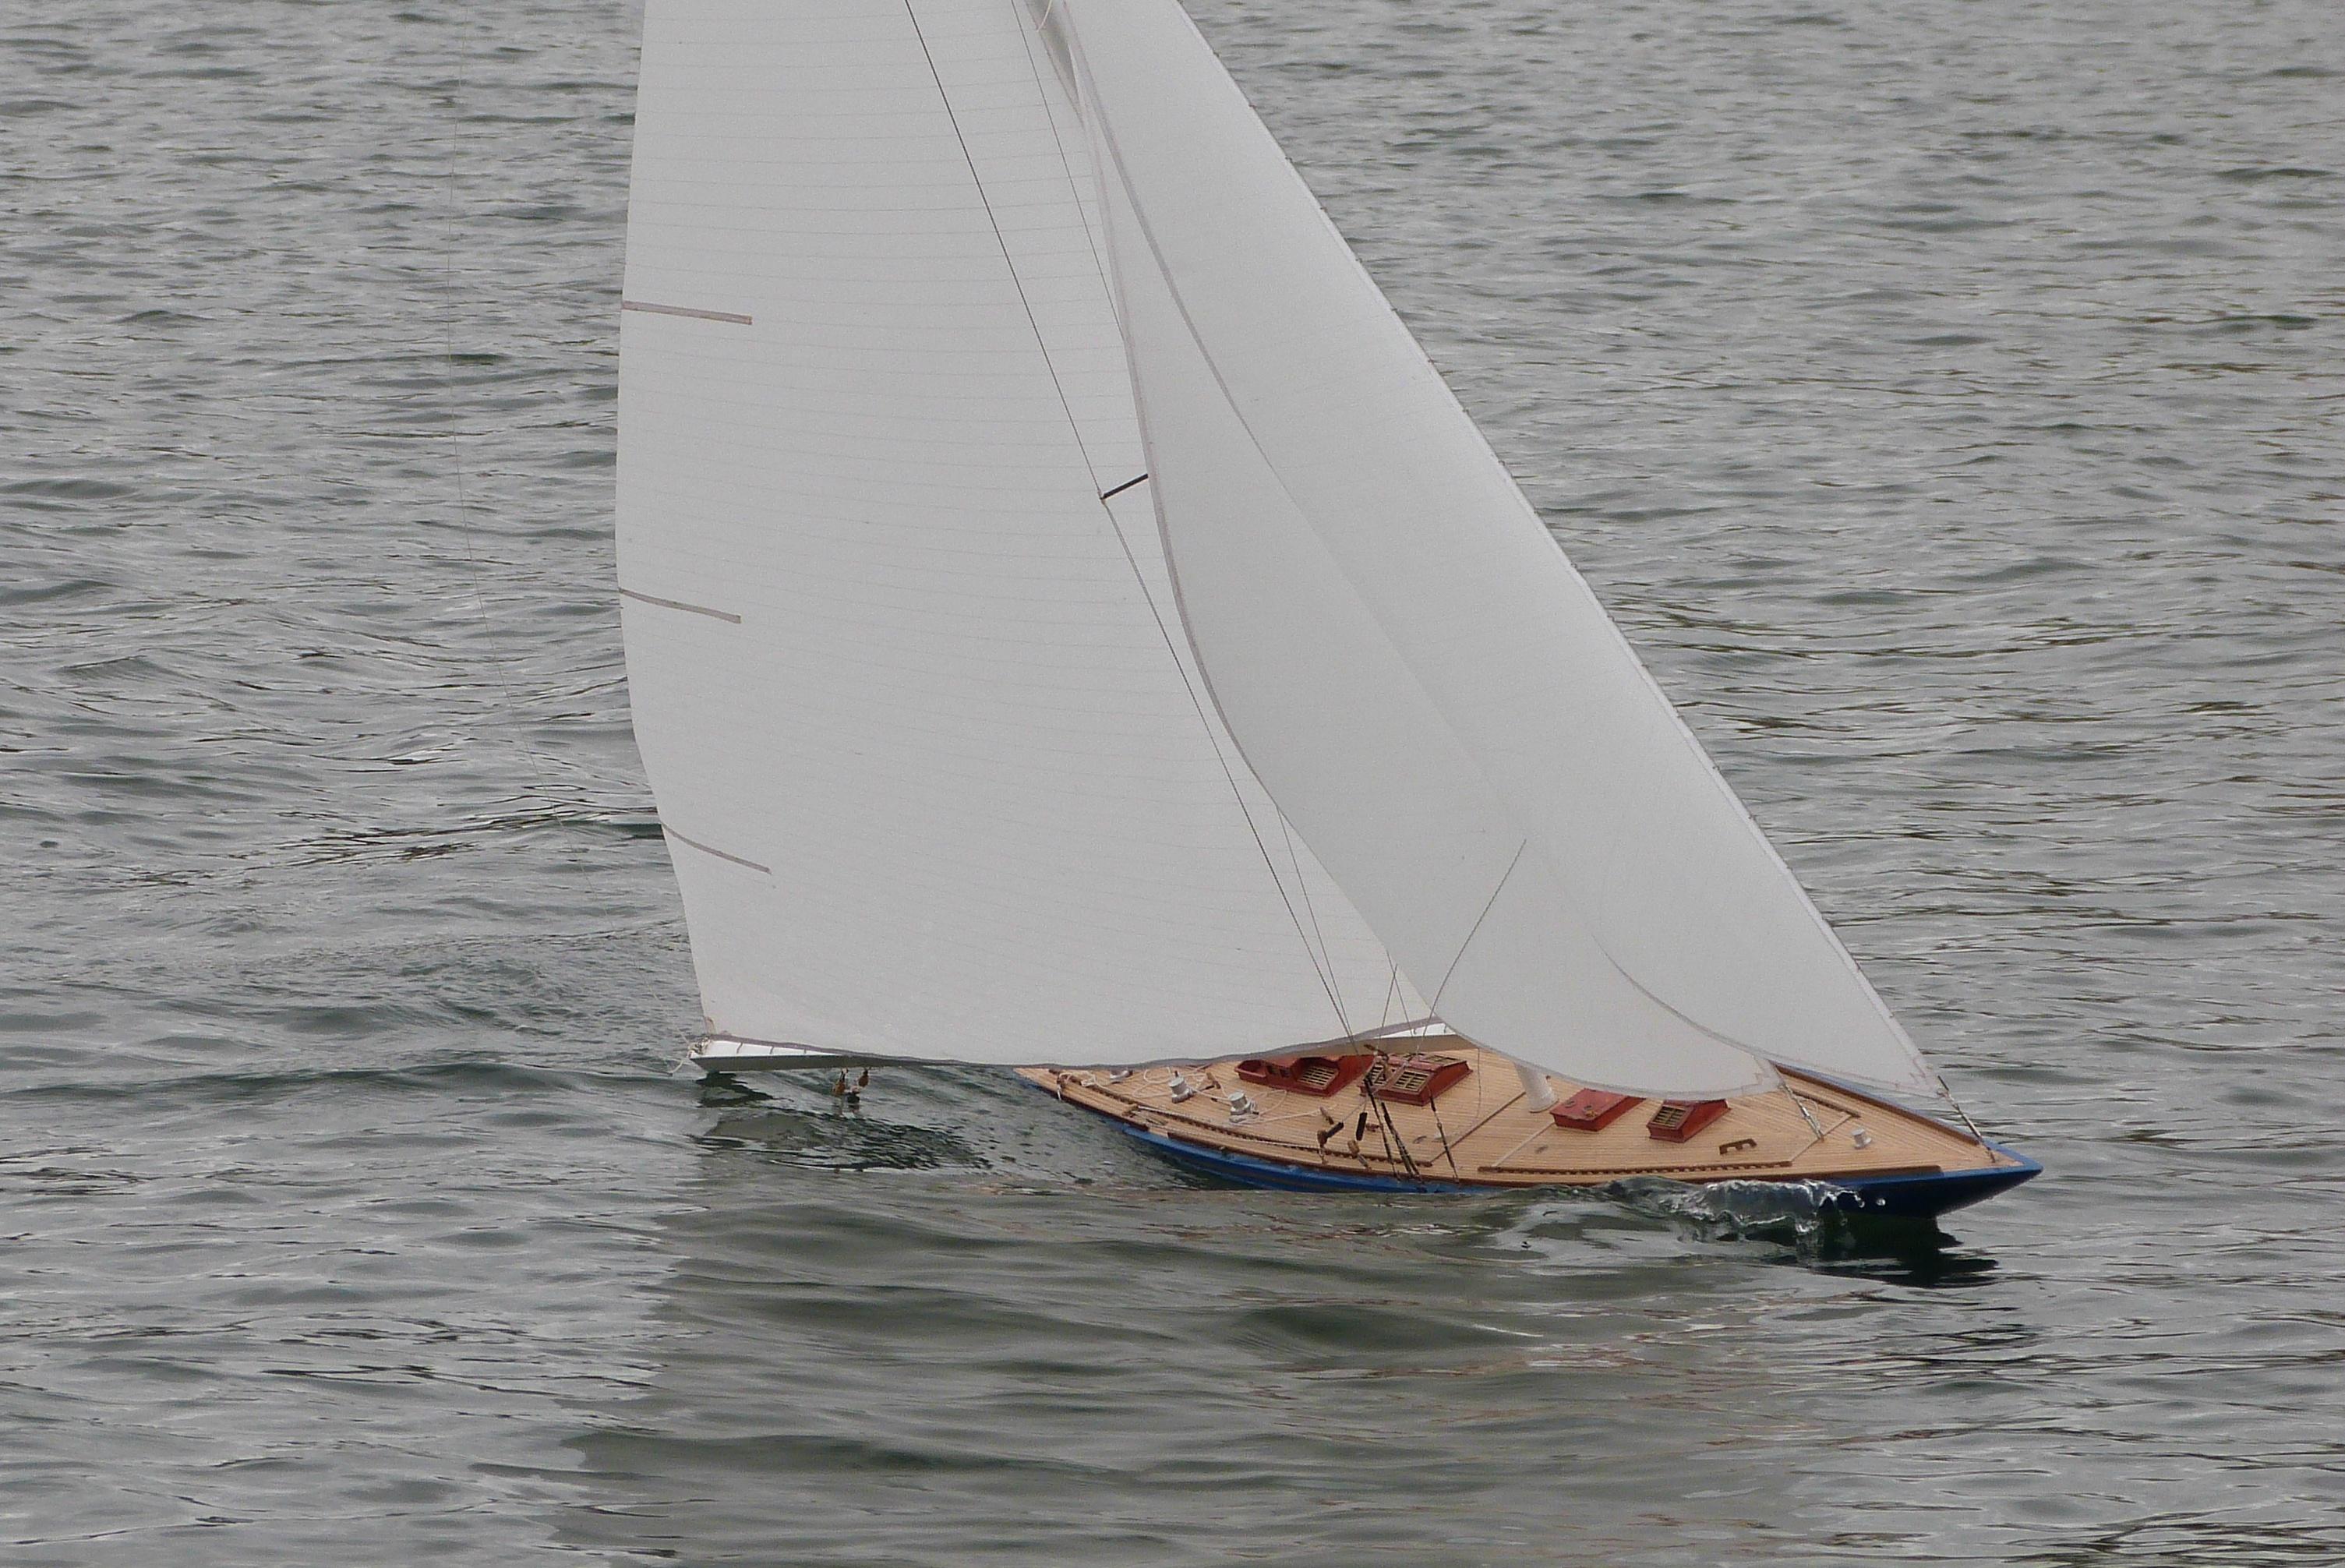 Endeavour Michel Vellut